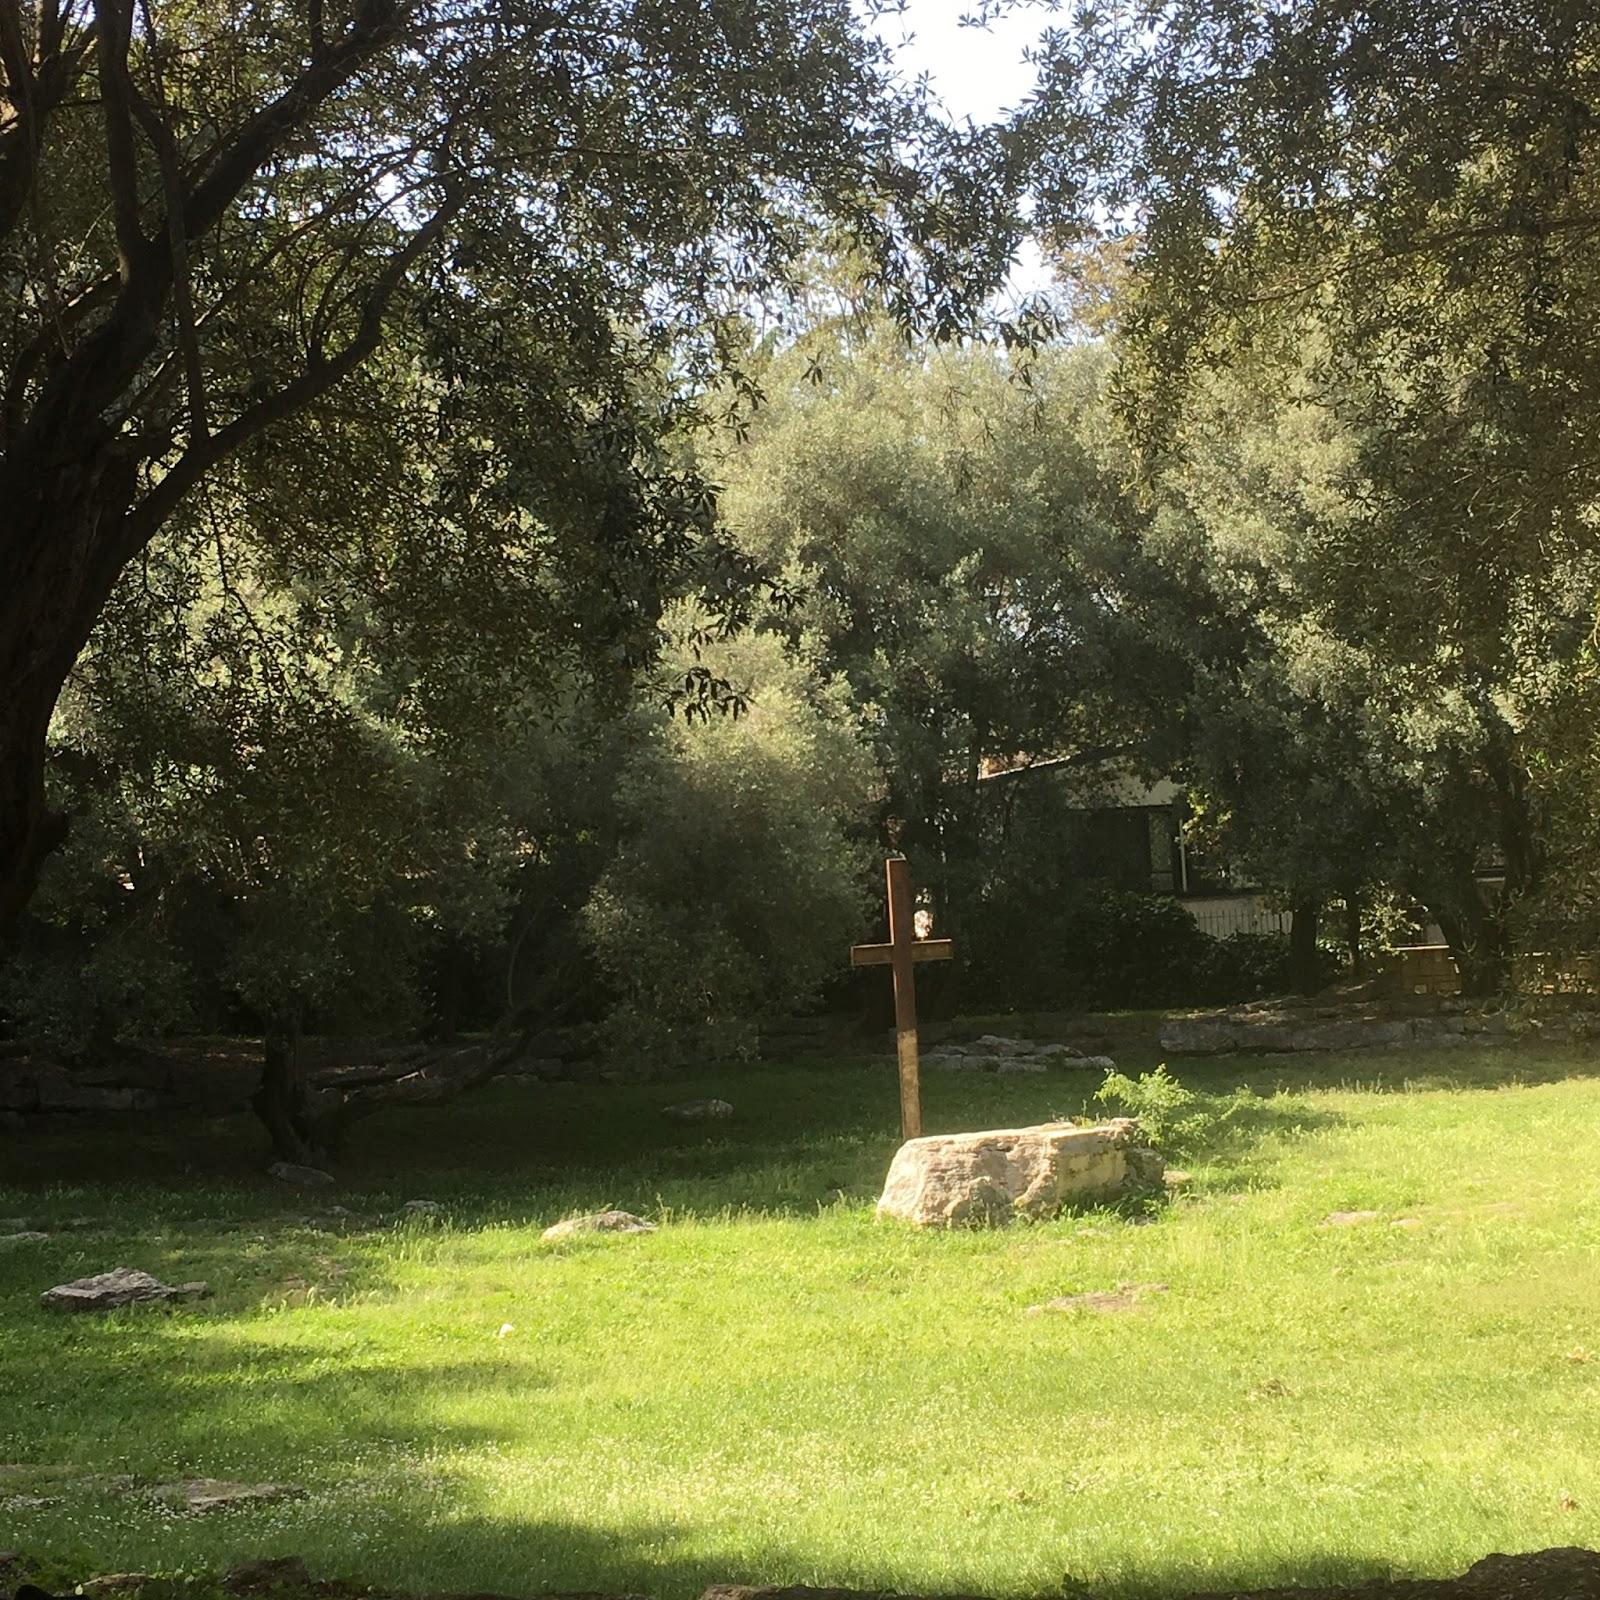 Rerum romanarum giardino degli ulivi for Il giardino degli ulivi monteviale